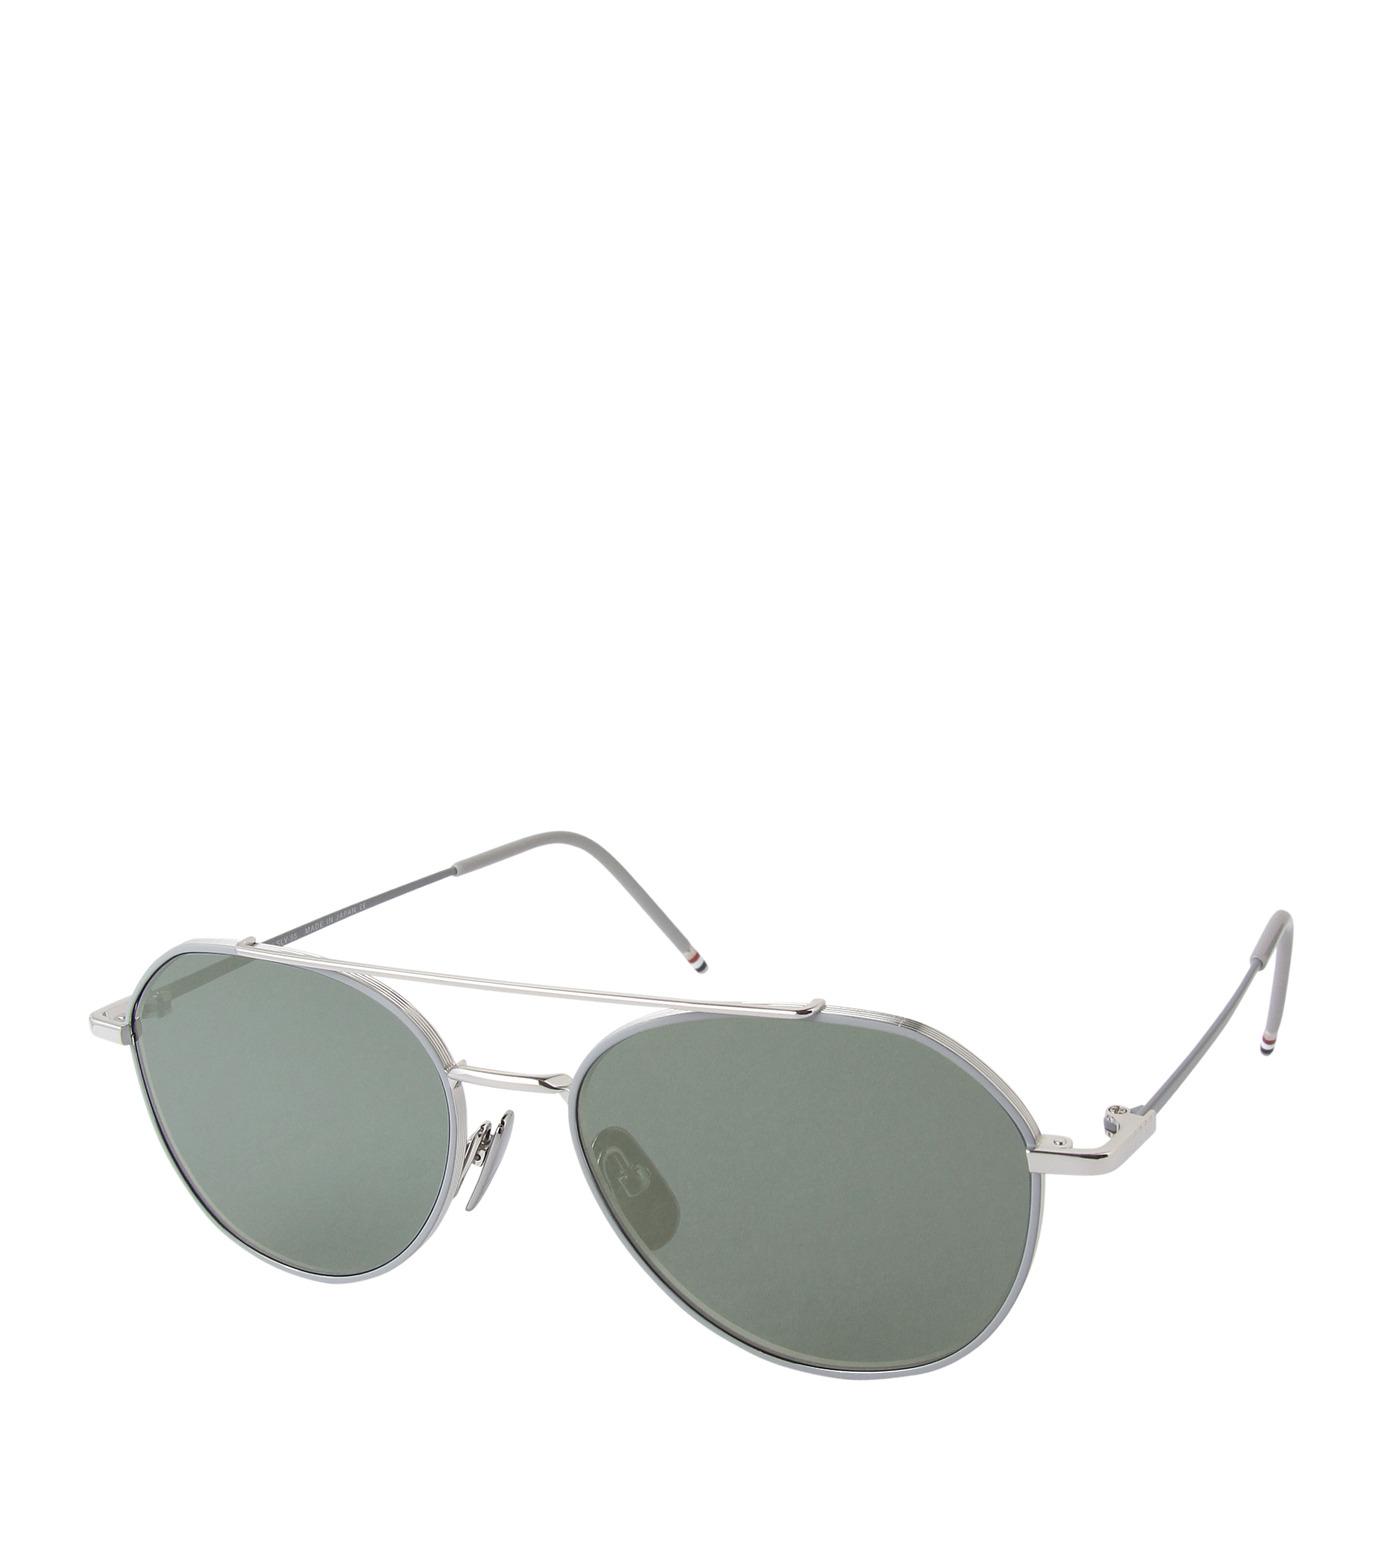 Thom Browne Eye Wear(トム・ブラウン・アイウェア)のTear Drop Slv Frame-SILVER(アイウェア/eyewear)-TB-105-B-1 拡大詳細画像1